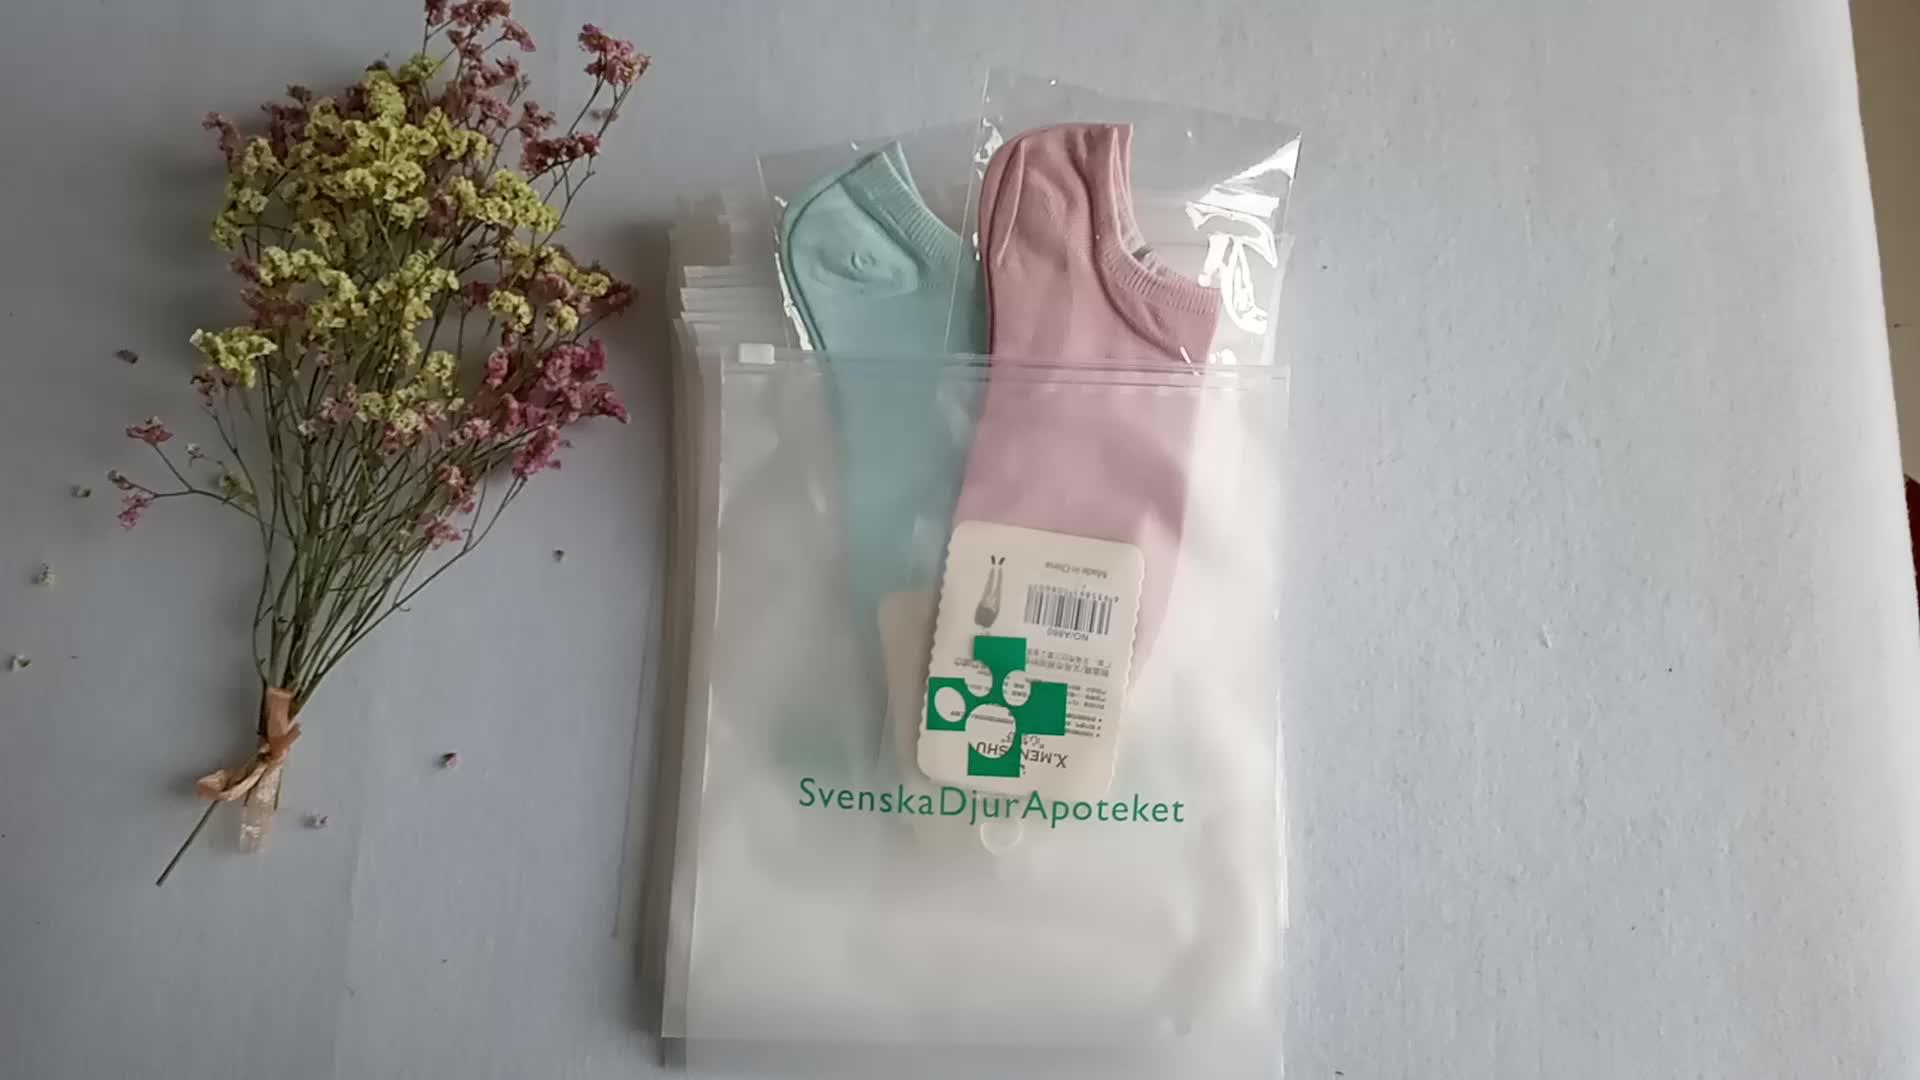 スライドジップロック包装透明なビニール袋で独自のロゴ服